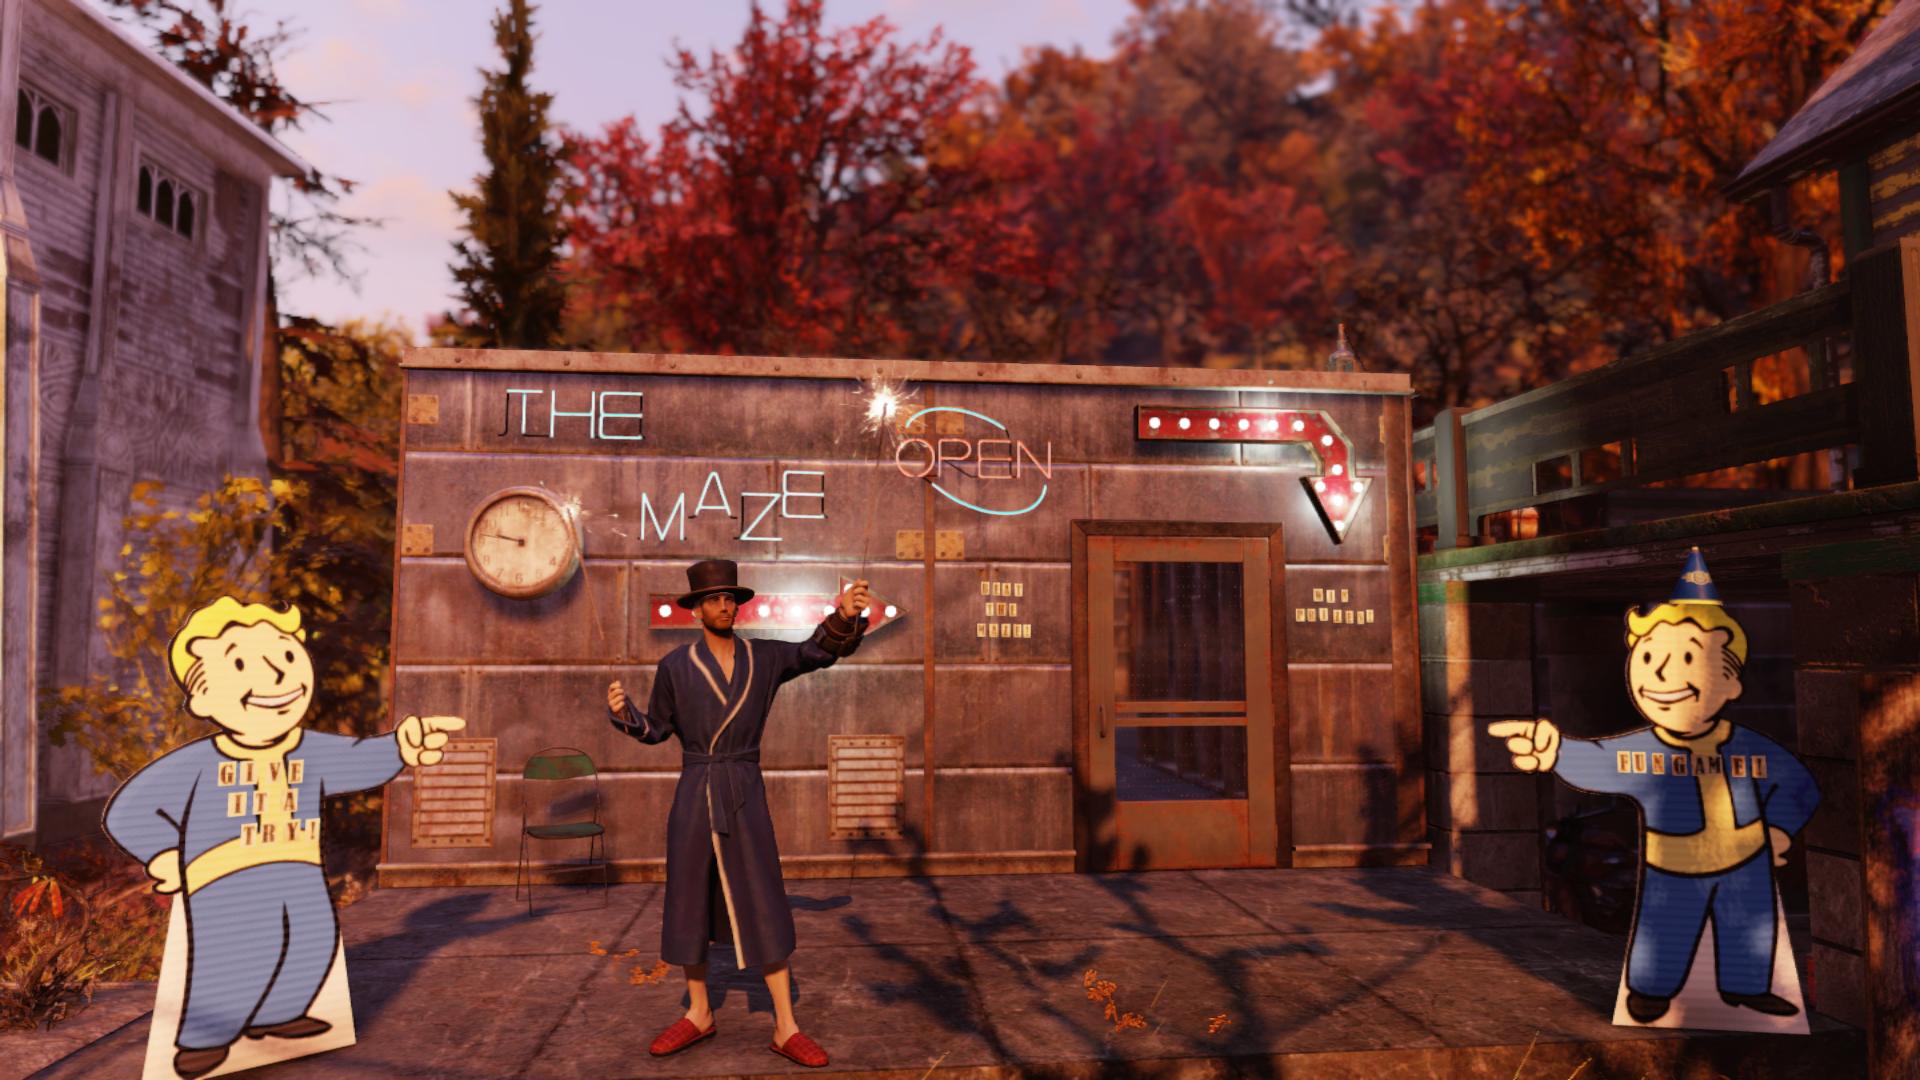 В Fallout 76 геймер заманивал игроков в лабиринт с Когтем смерти, обещая веселье и призы